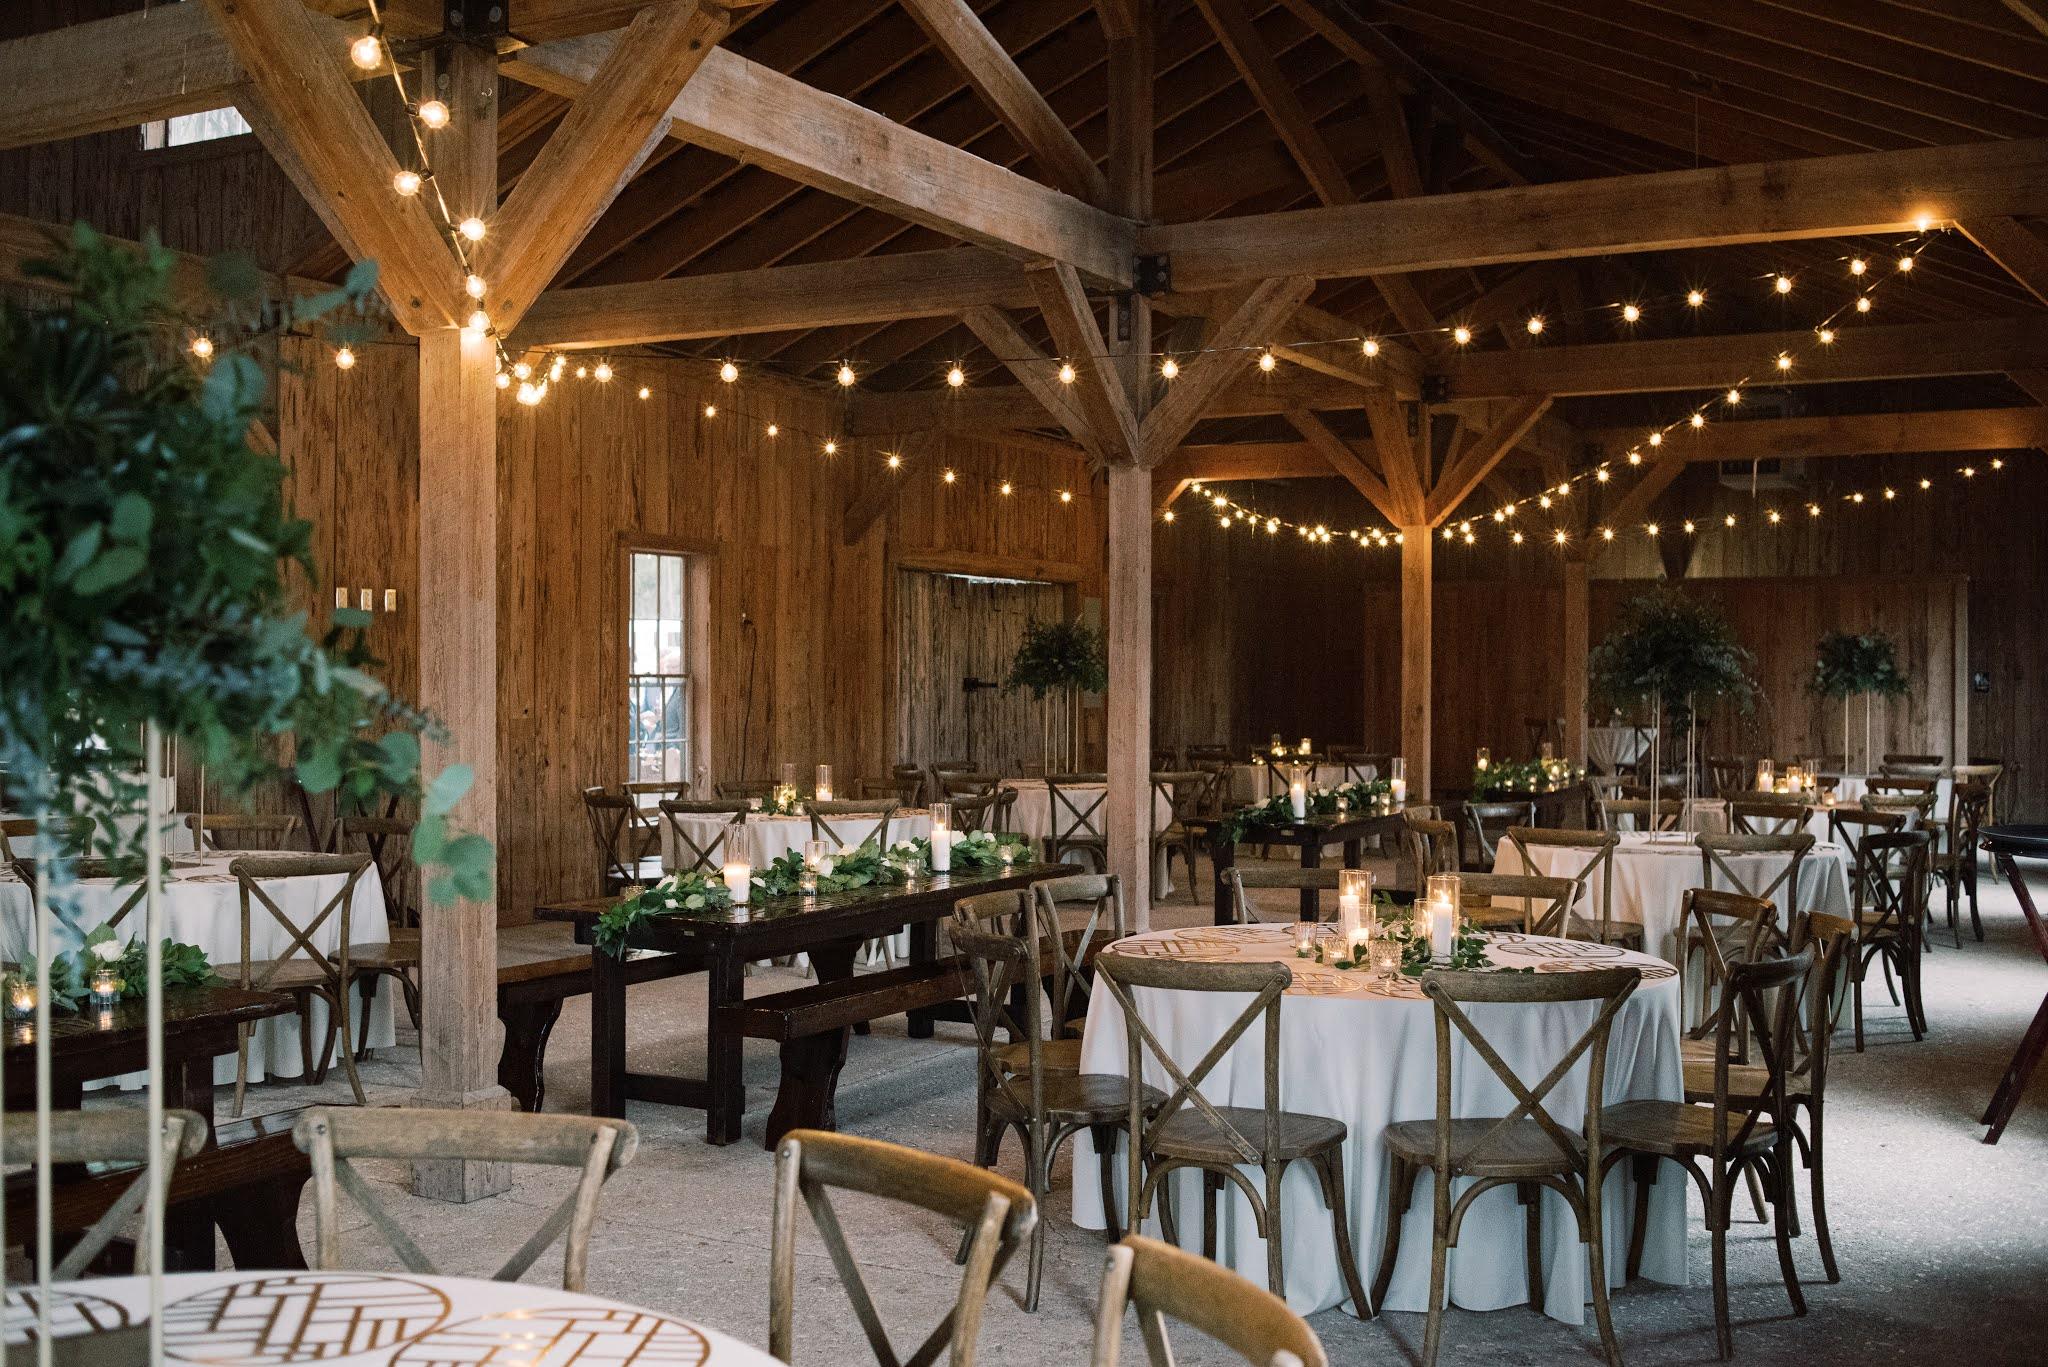 Charleston Wedding Rentals - Chasing Cinderella